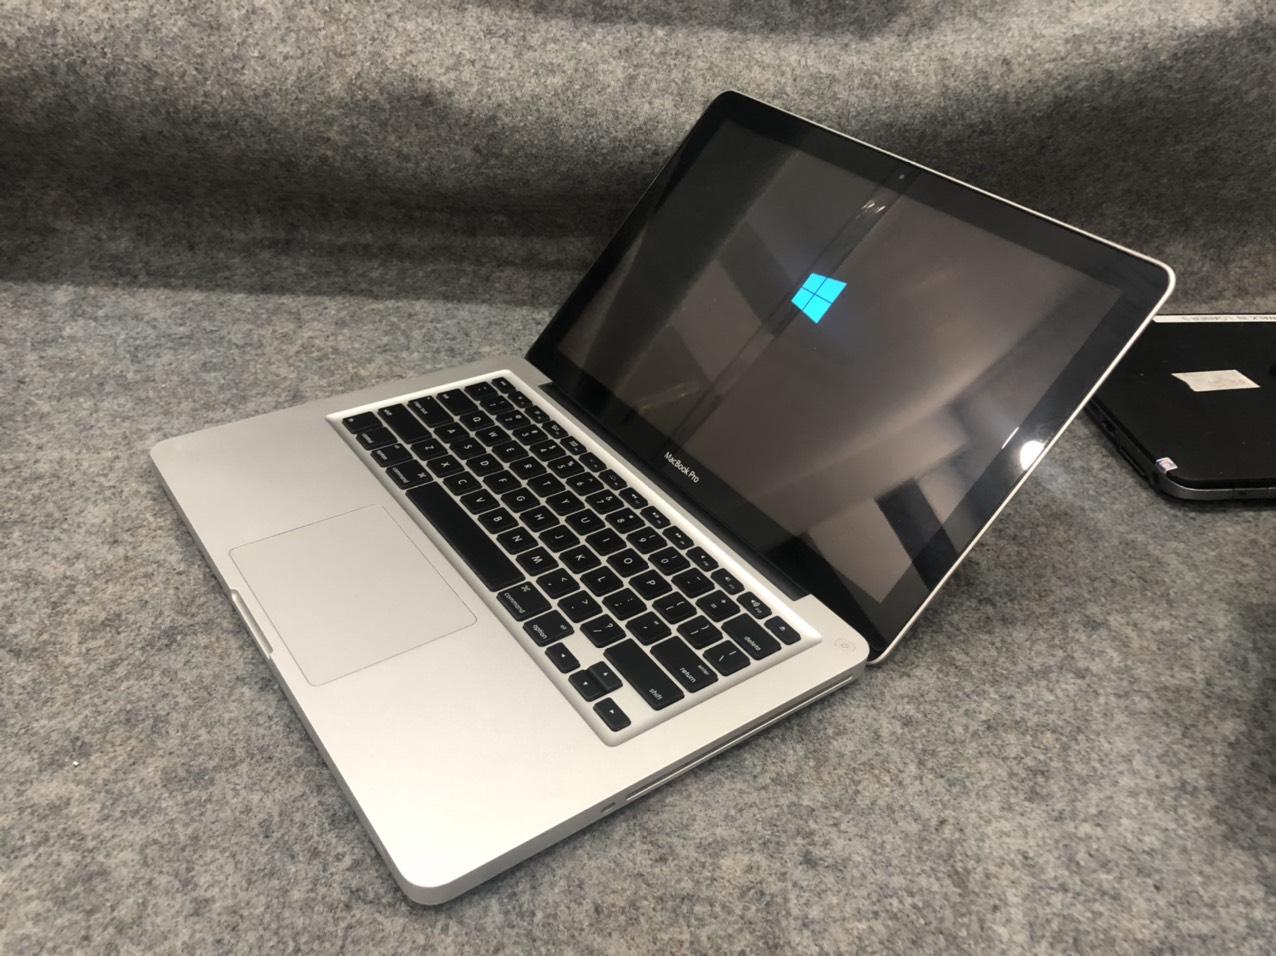 Macbook-pro-2011-core-i5-cu-gia-re-6